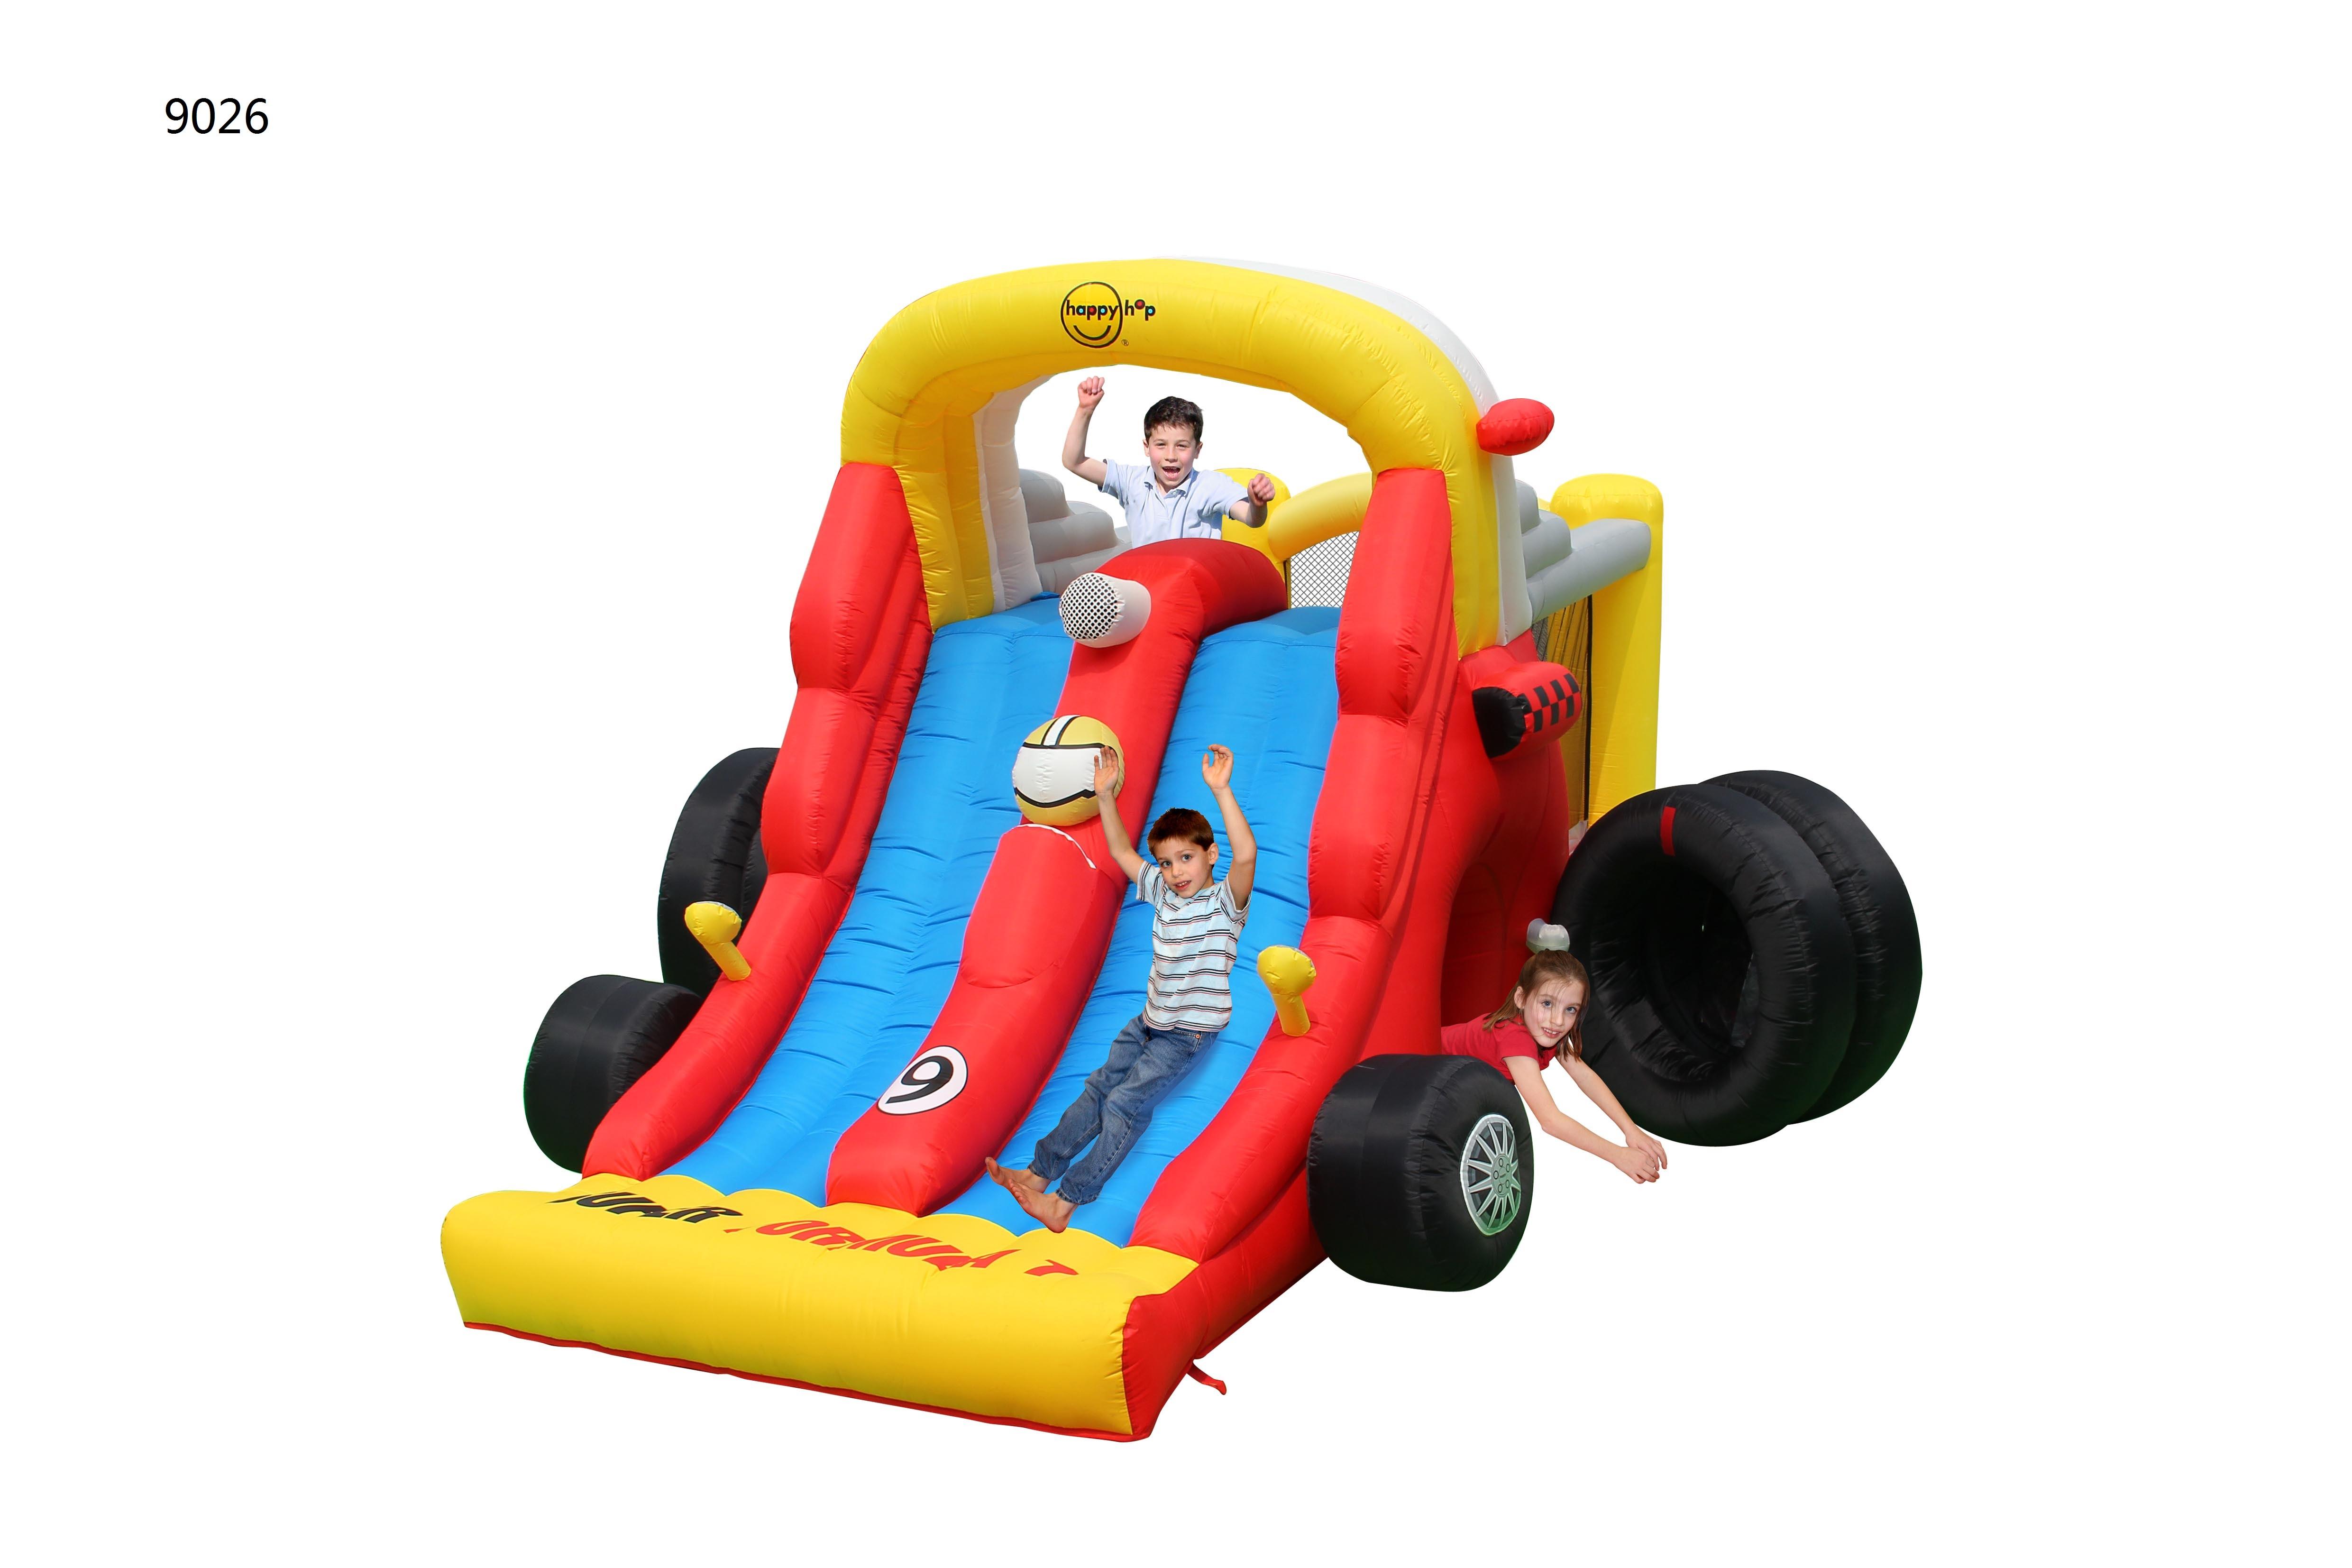 Детский надувной Батут HAPPY HOP «Формула 1» 9026 с пятнами